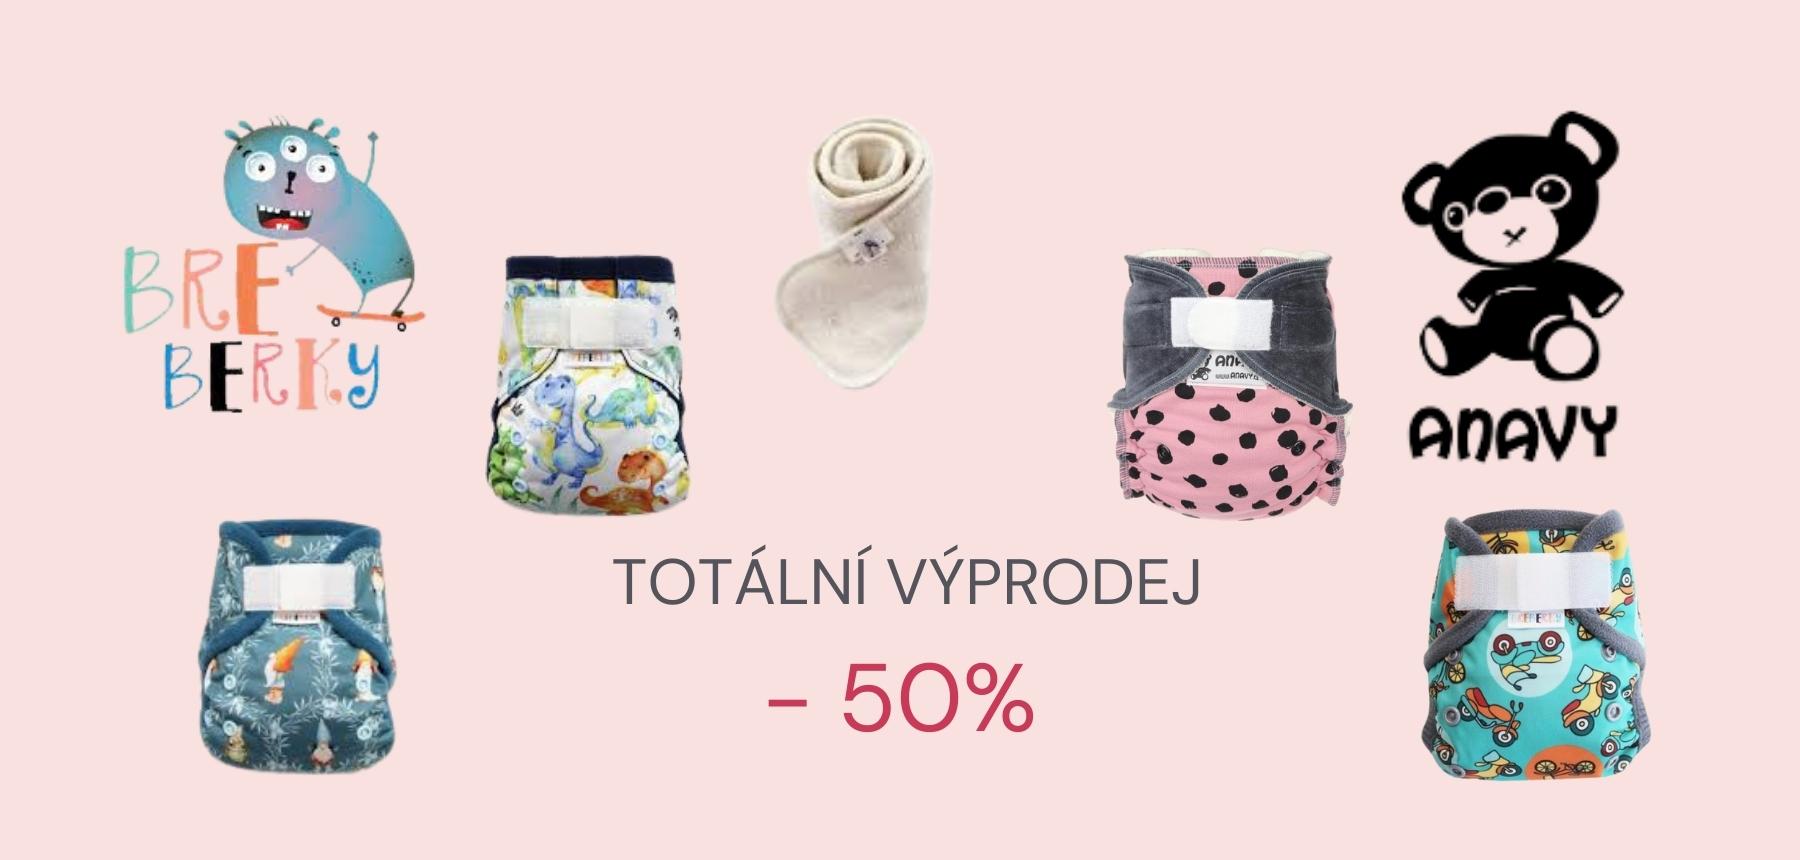 Látkové plenky - totální výprodej -50%